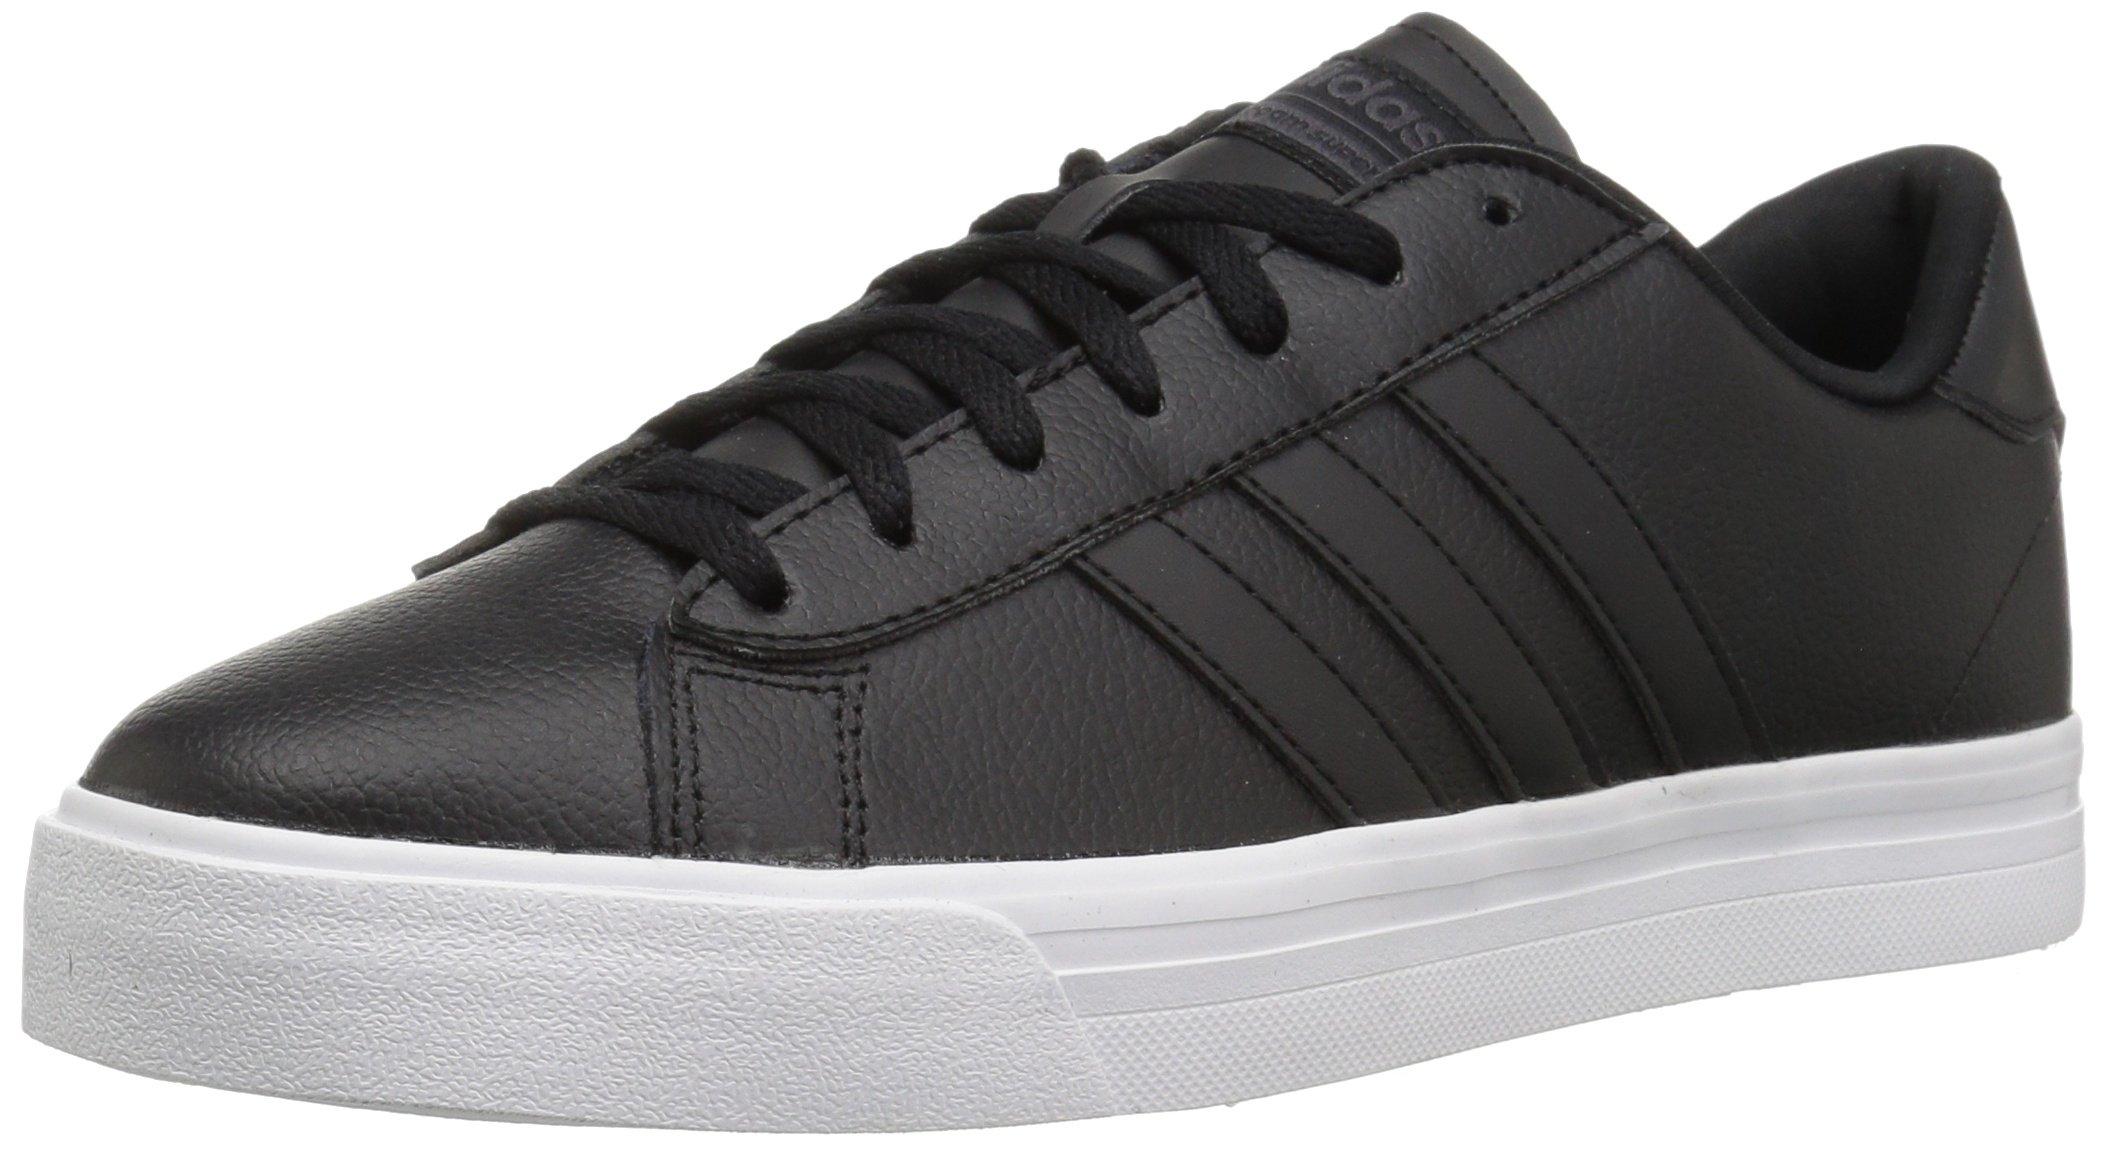 Galleon adidas neo hombres CF super Daily sneaker, core negro / CORE